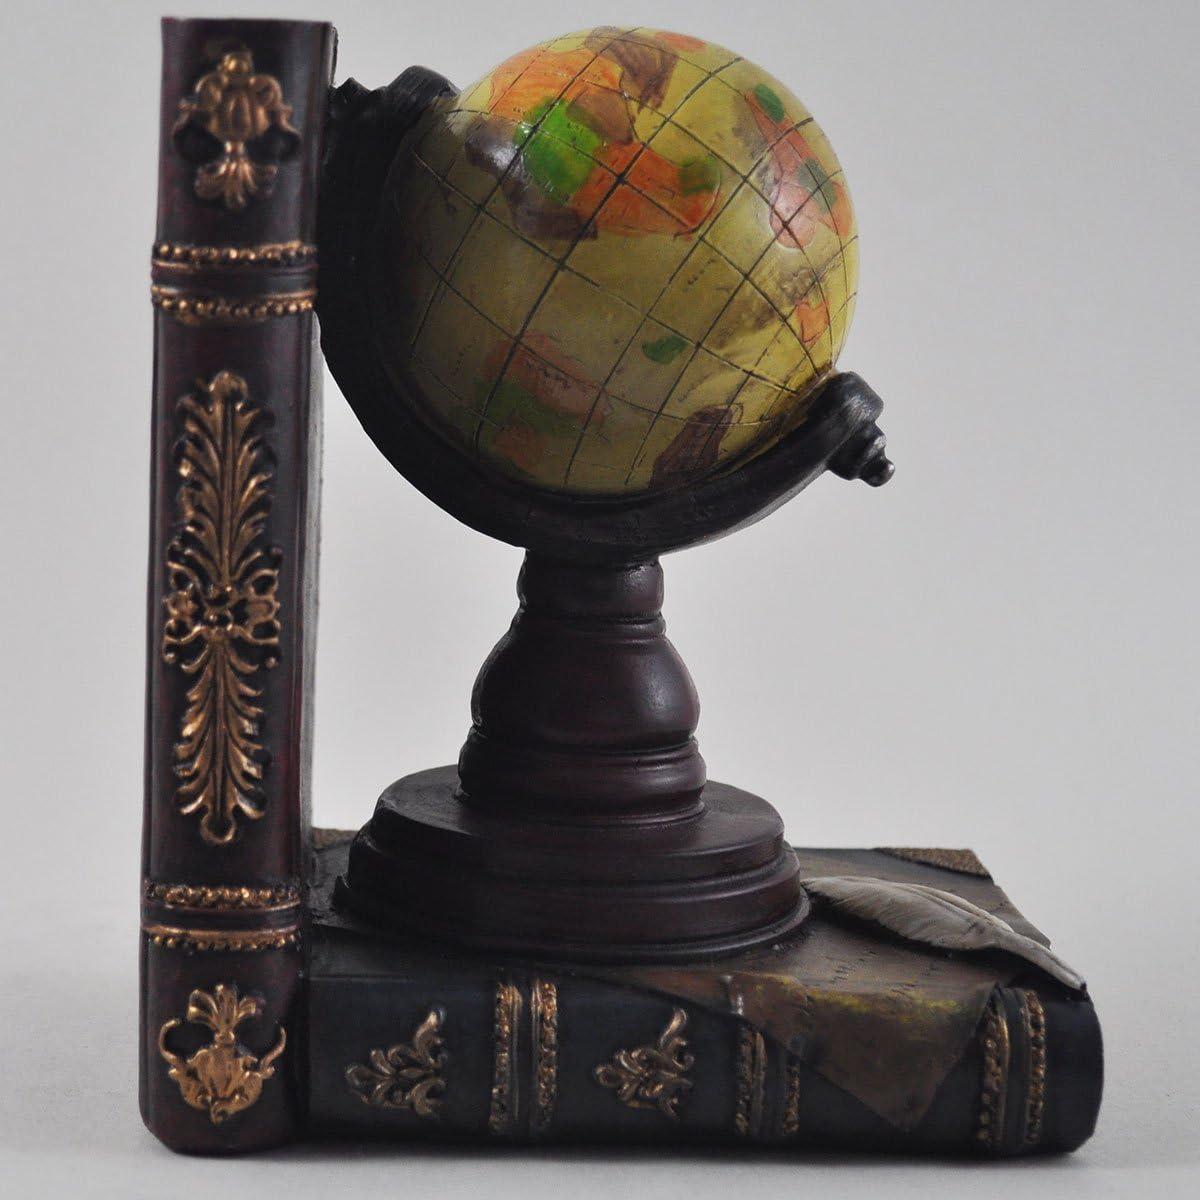 CD y m/ás sujeci/ón de libros organizador de estudio DVD Soportes de globo terr/áqueo y telescopio para estante oficina